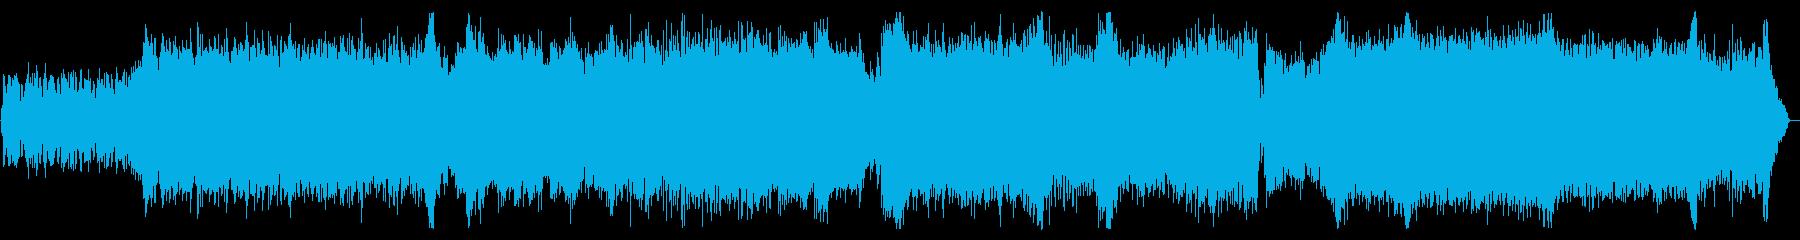 退廃的 美しいメロディ ドラムンベースの再生済みの波形